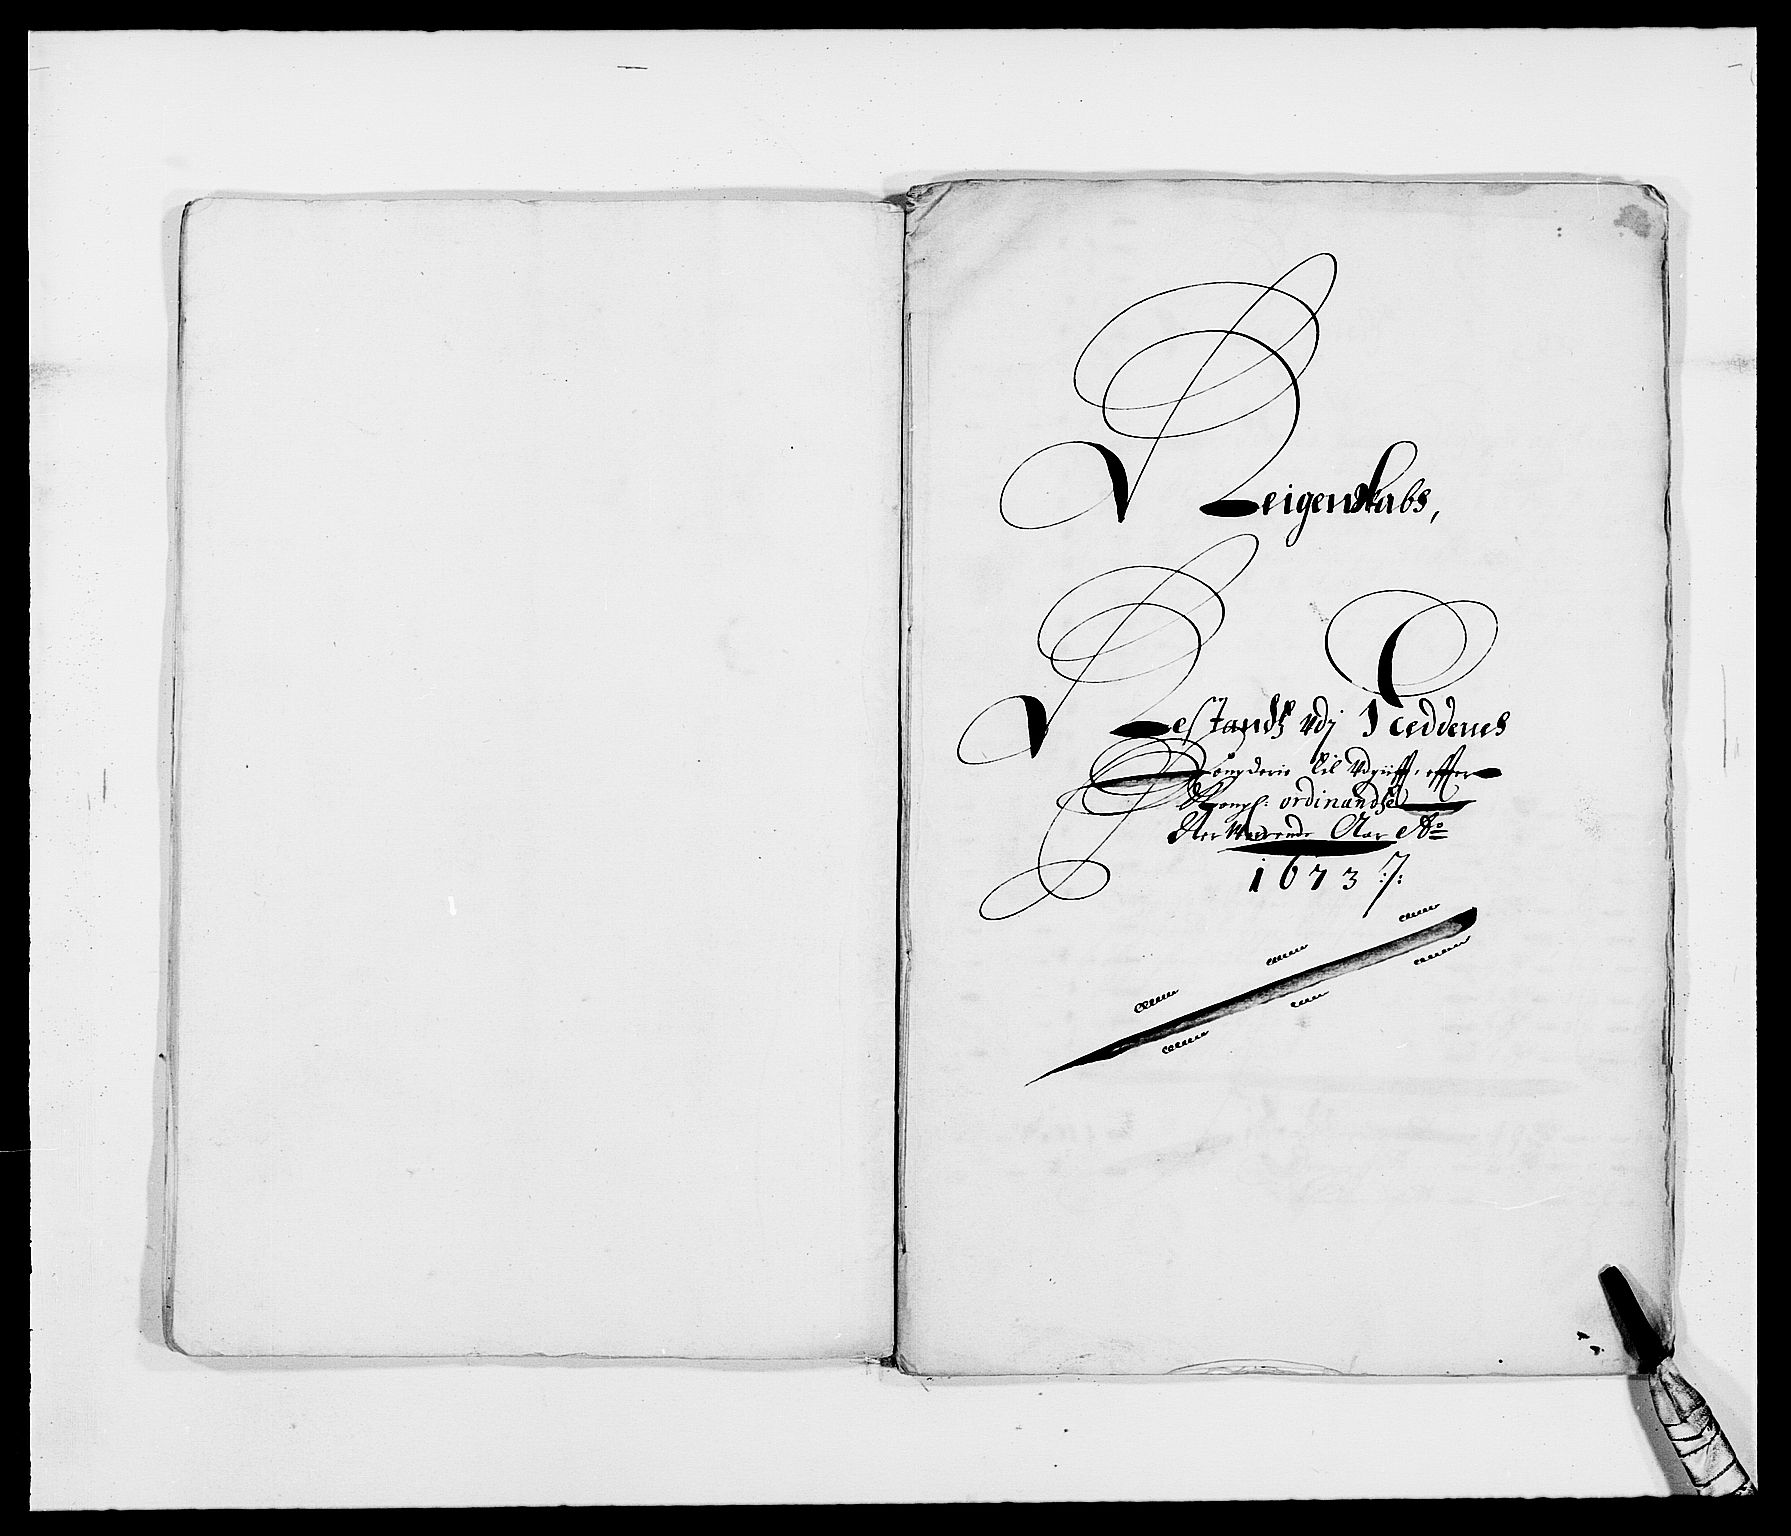 RA, Rentekammeret inntil 1814, Reviderte regnskaper, Fogderegnskap, R39/L2300: Fogderegnskap Nedenes, 1672-1674, s. 219